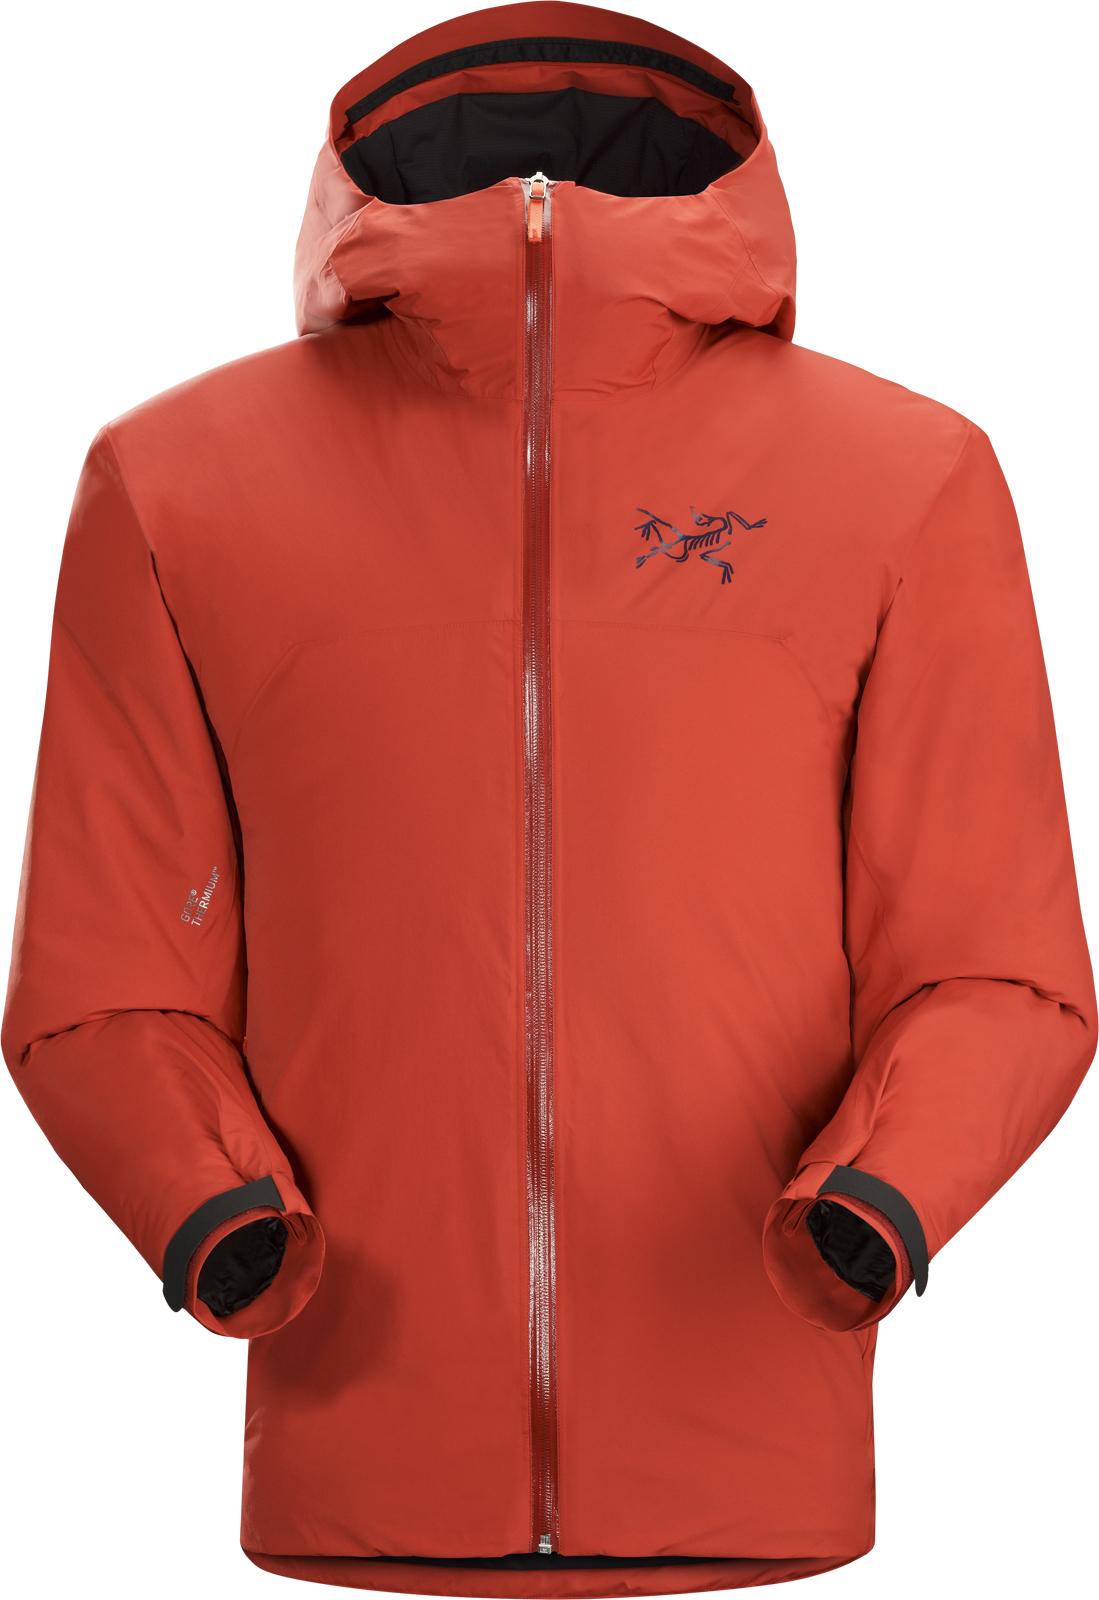 Arc'teryx Rethel Jacket